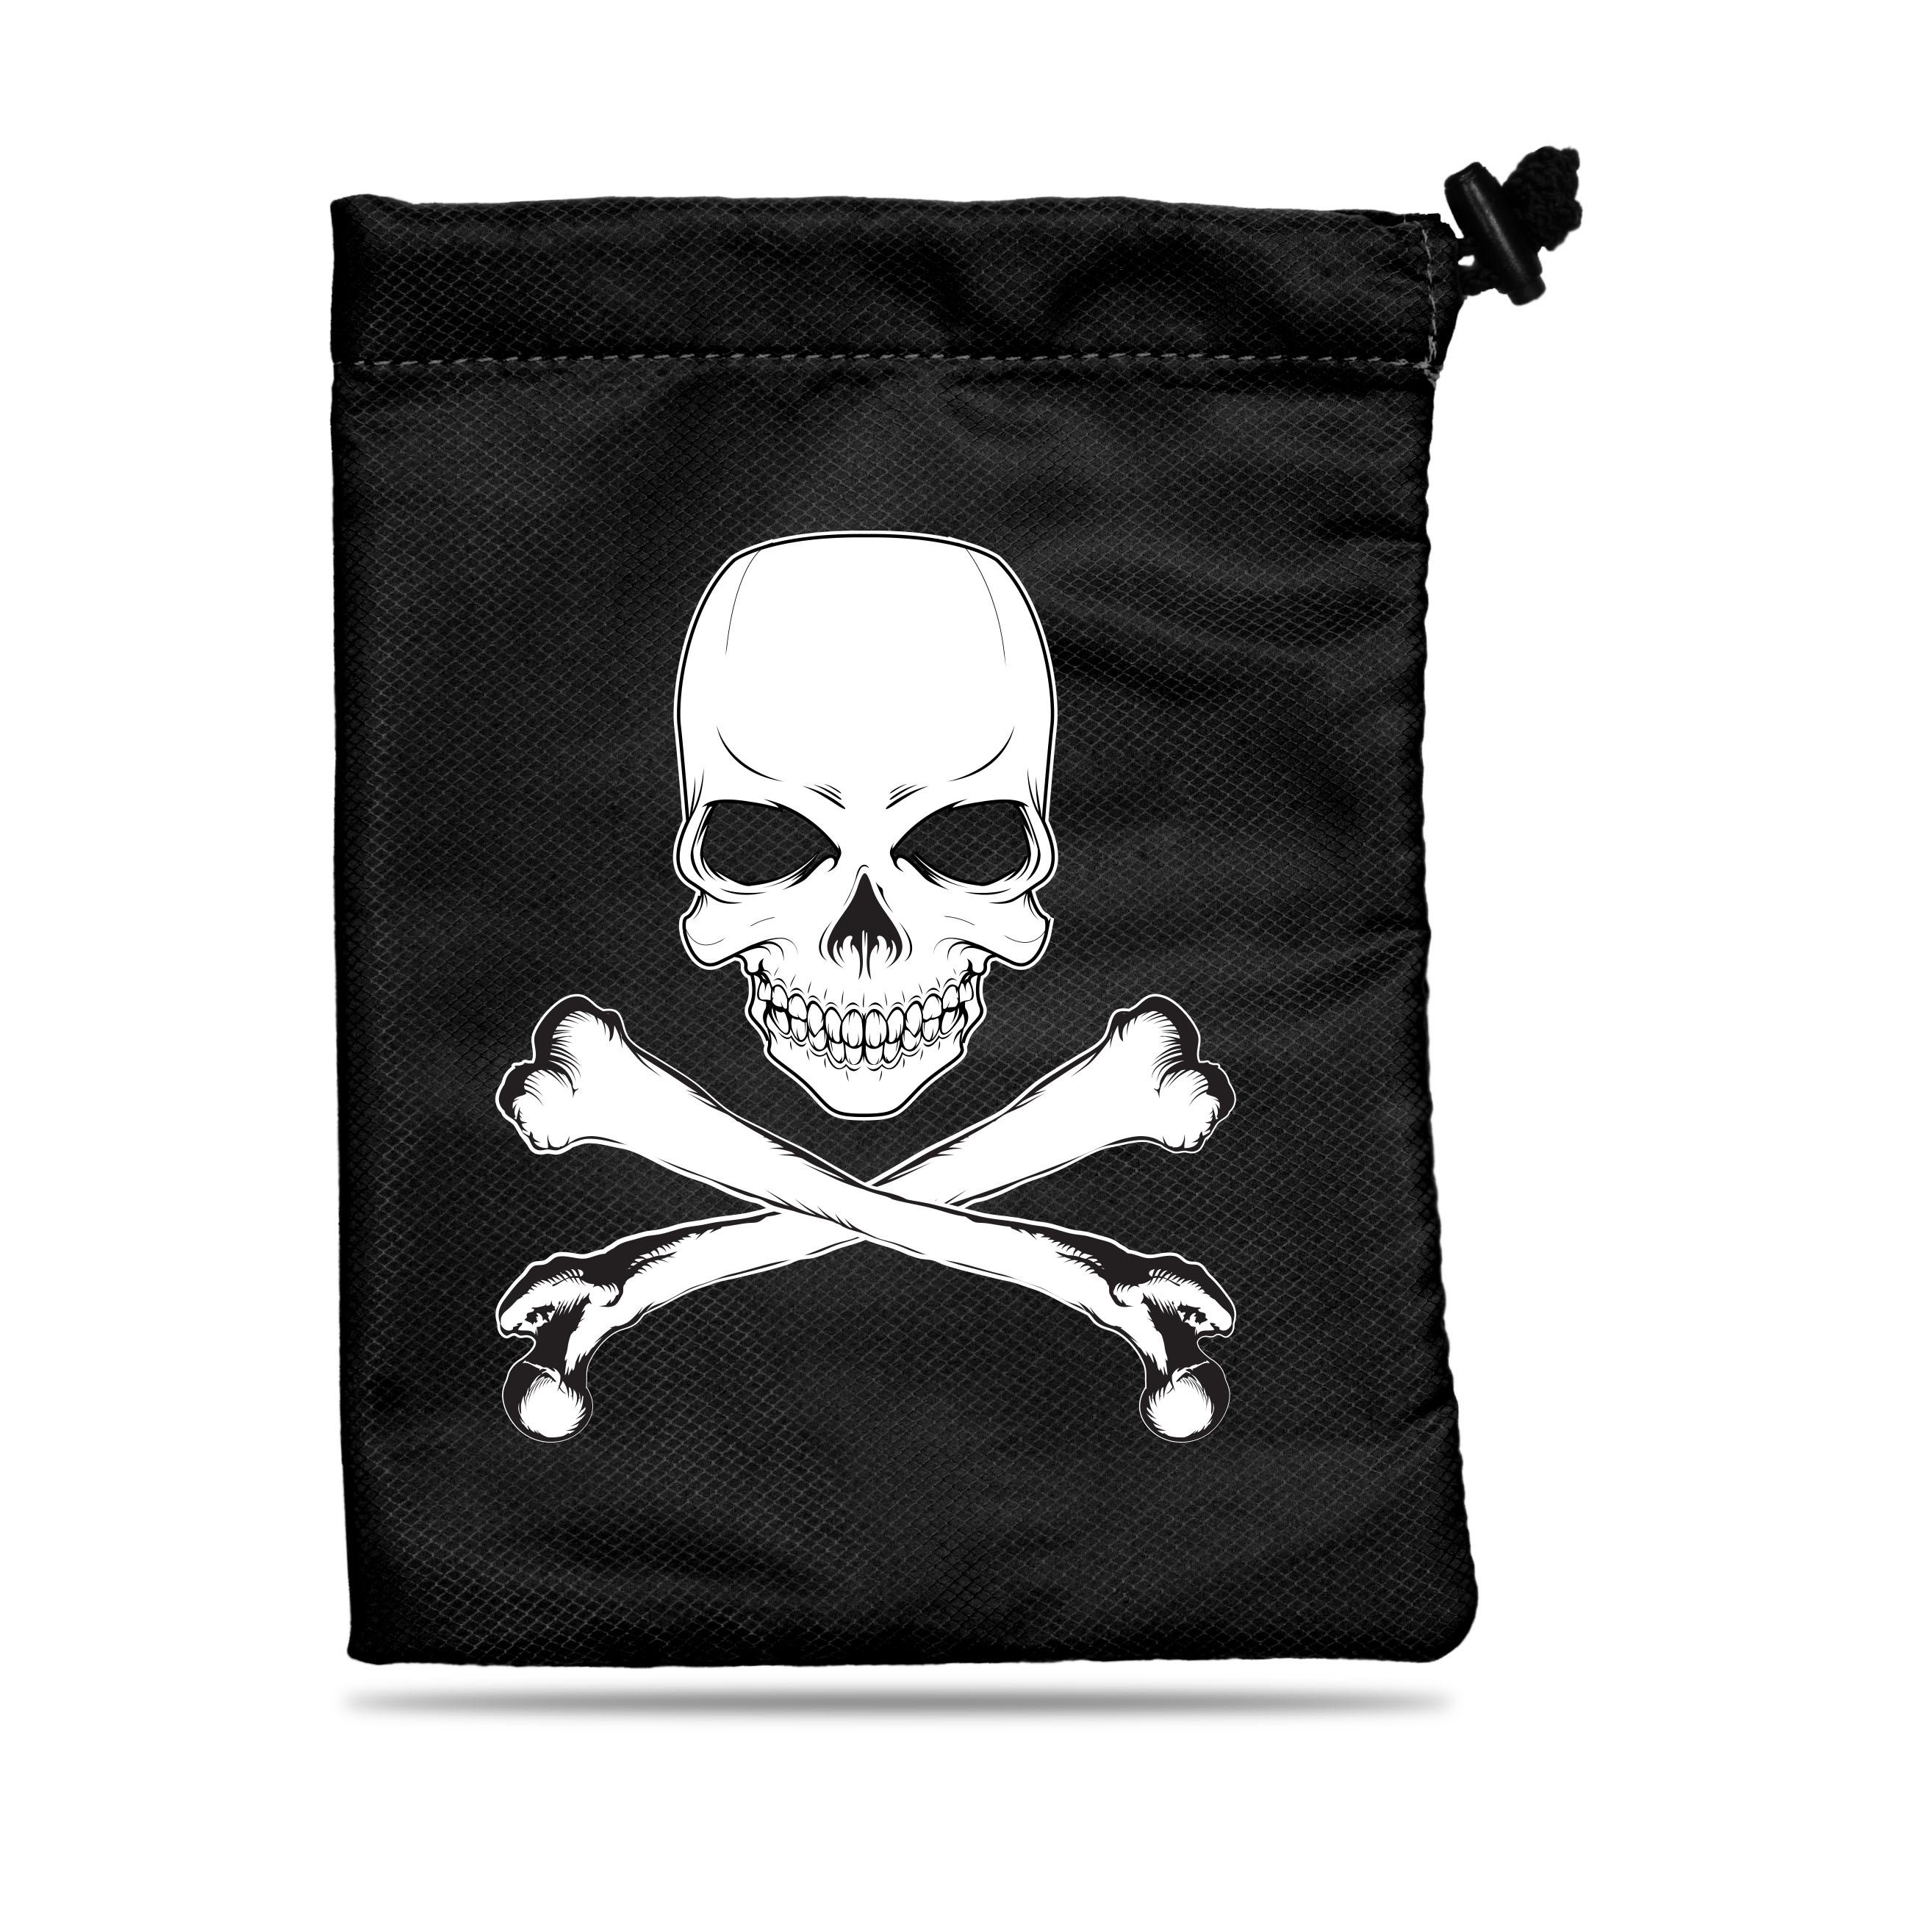 Treasure Nest - Skull & Bones Dice Accessories Bag